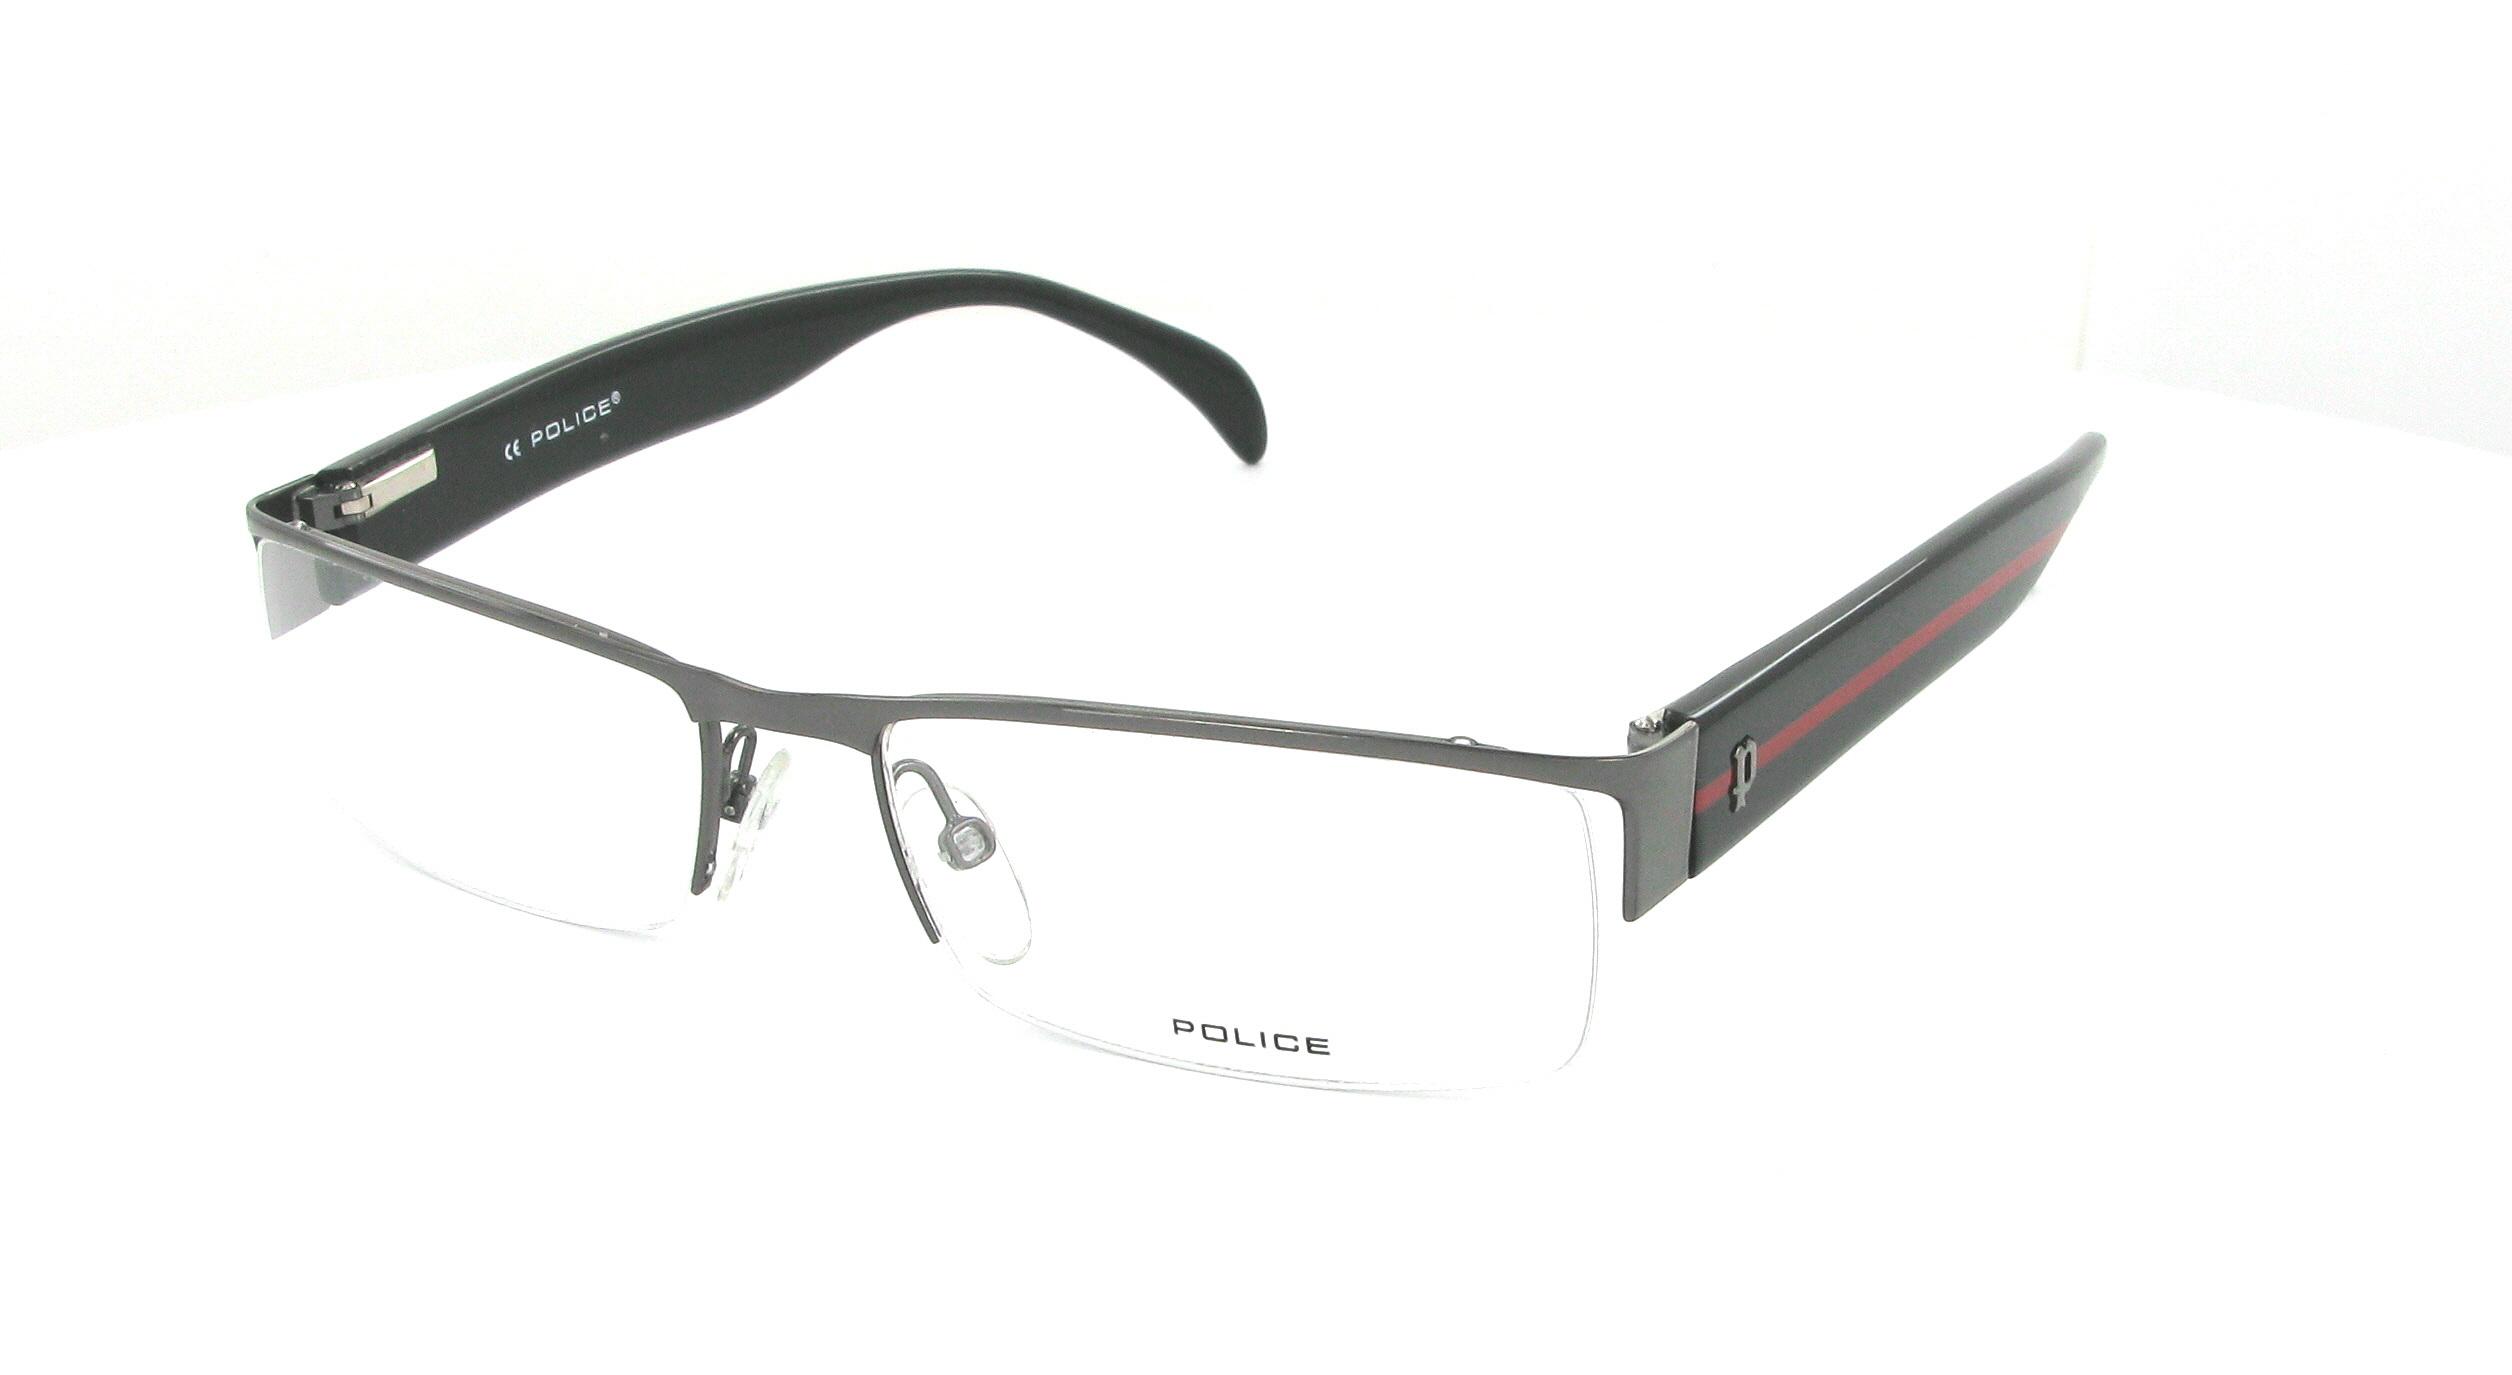 lunettes de vue police v8326 0568 55 17 homme gun noir rectangle nylor tendance 55mmx17mm 113. Black Bedroom Furniture Sets. Home Design Ideas